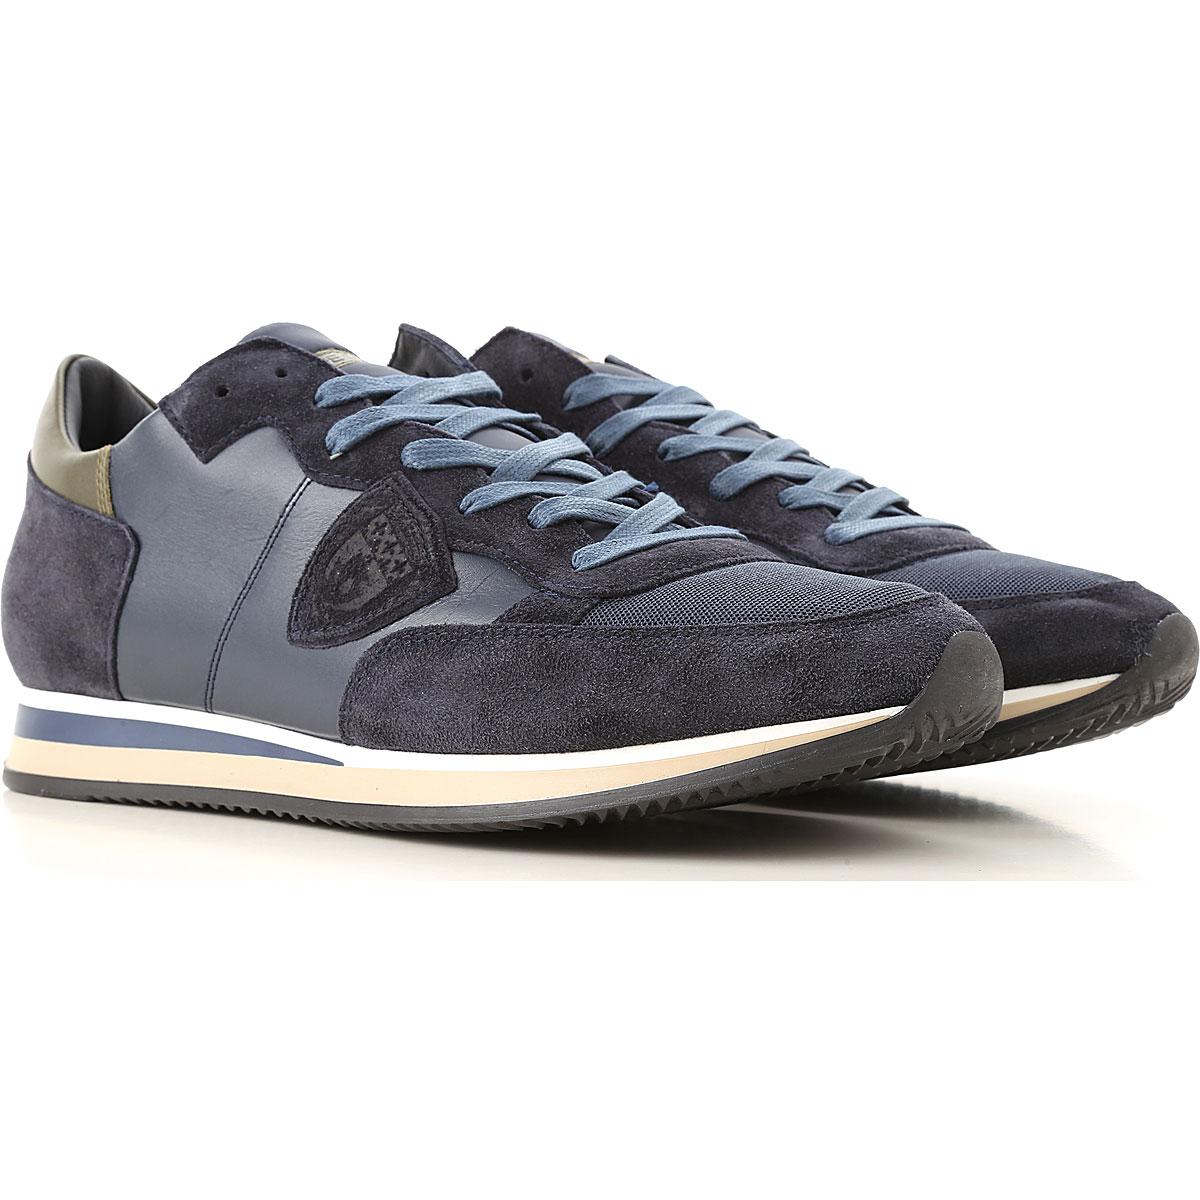 Philippe Model Sneakers voor Mannen In Aanbieding, Blauw, Suede Leder, 2019, 41 43 45